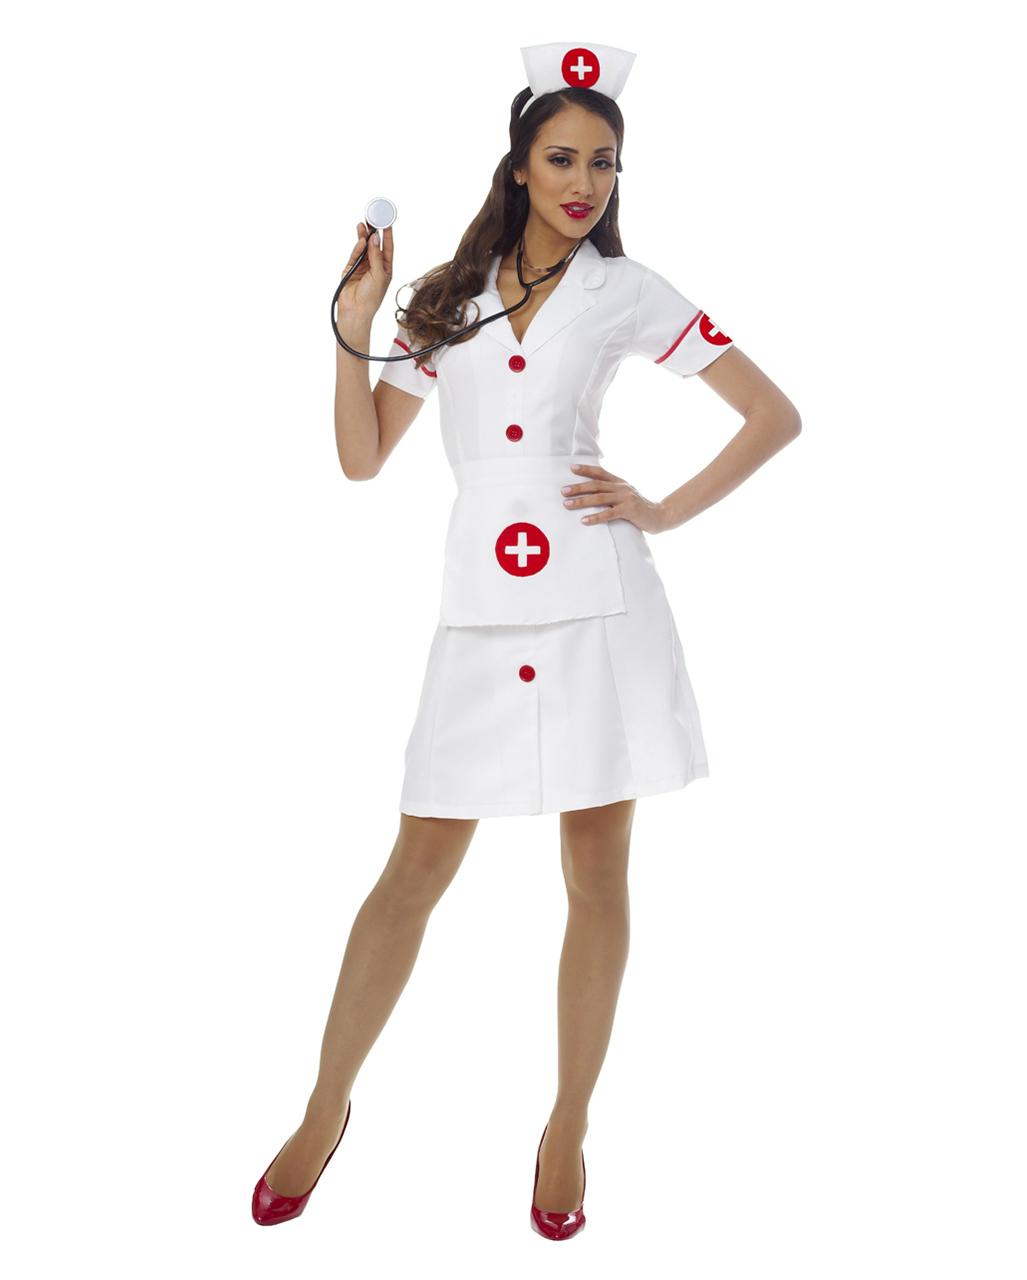 b2614f888e0a5 Classic Nurse Costume | Women's sexy nurse uniform | horror-shop.com